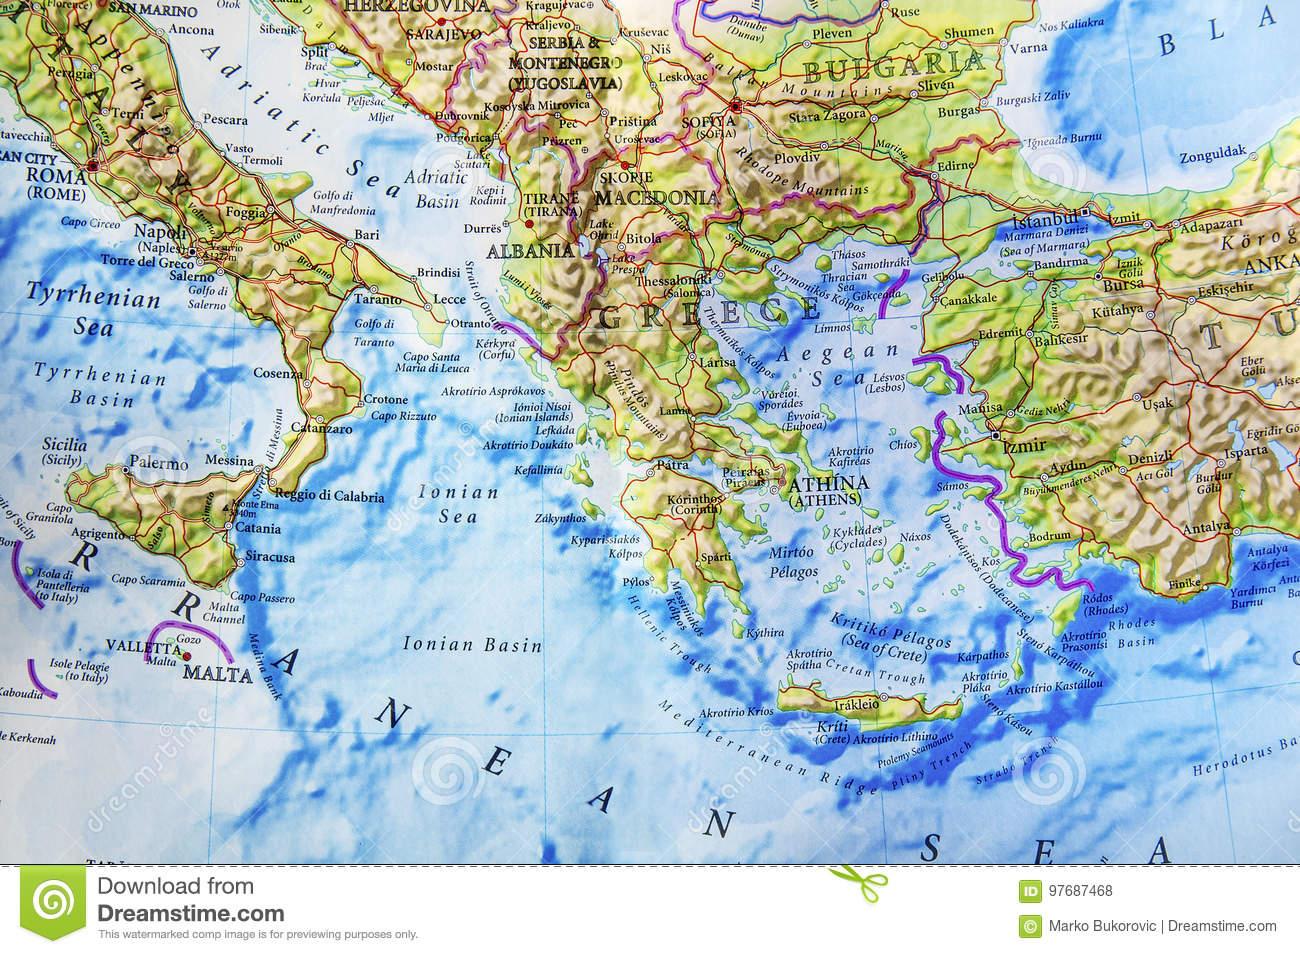 Carte Géographique D'une Partie De L'europe Photo Stock destiné Carte Géographique Europe